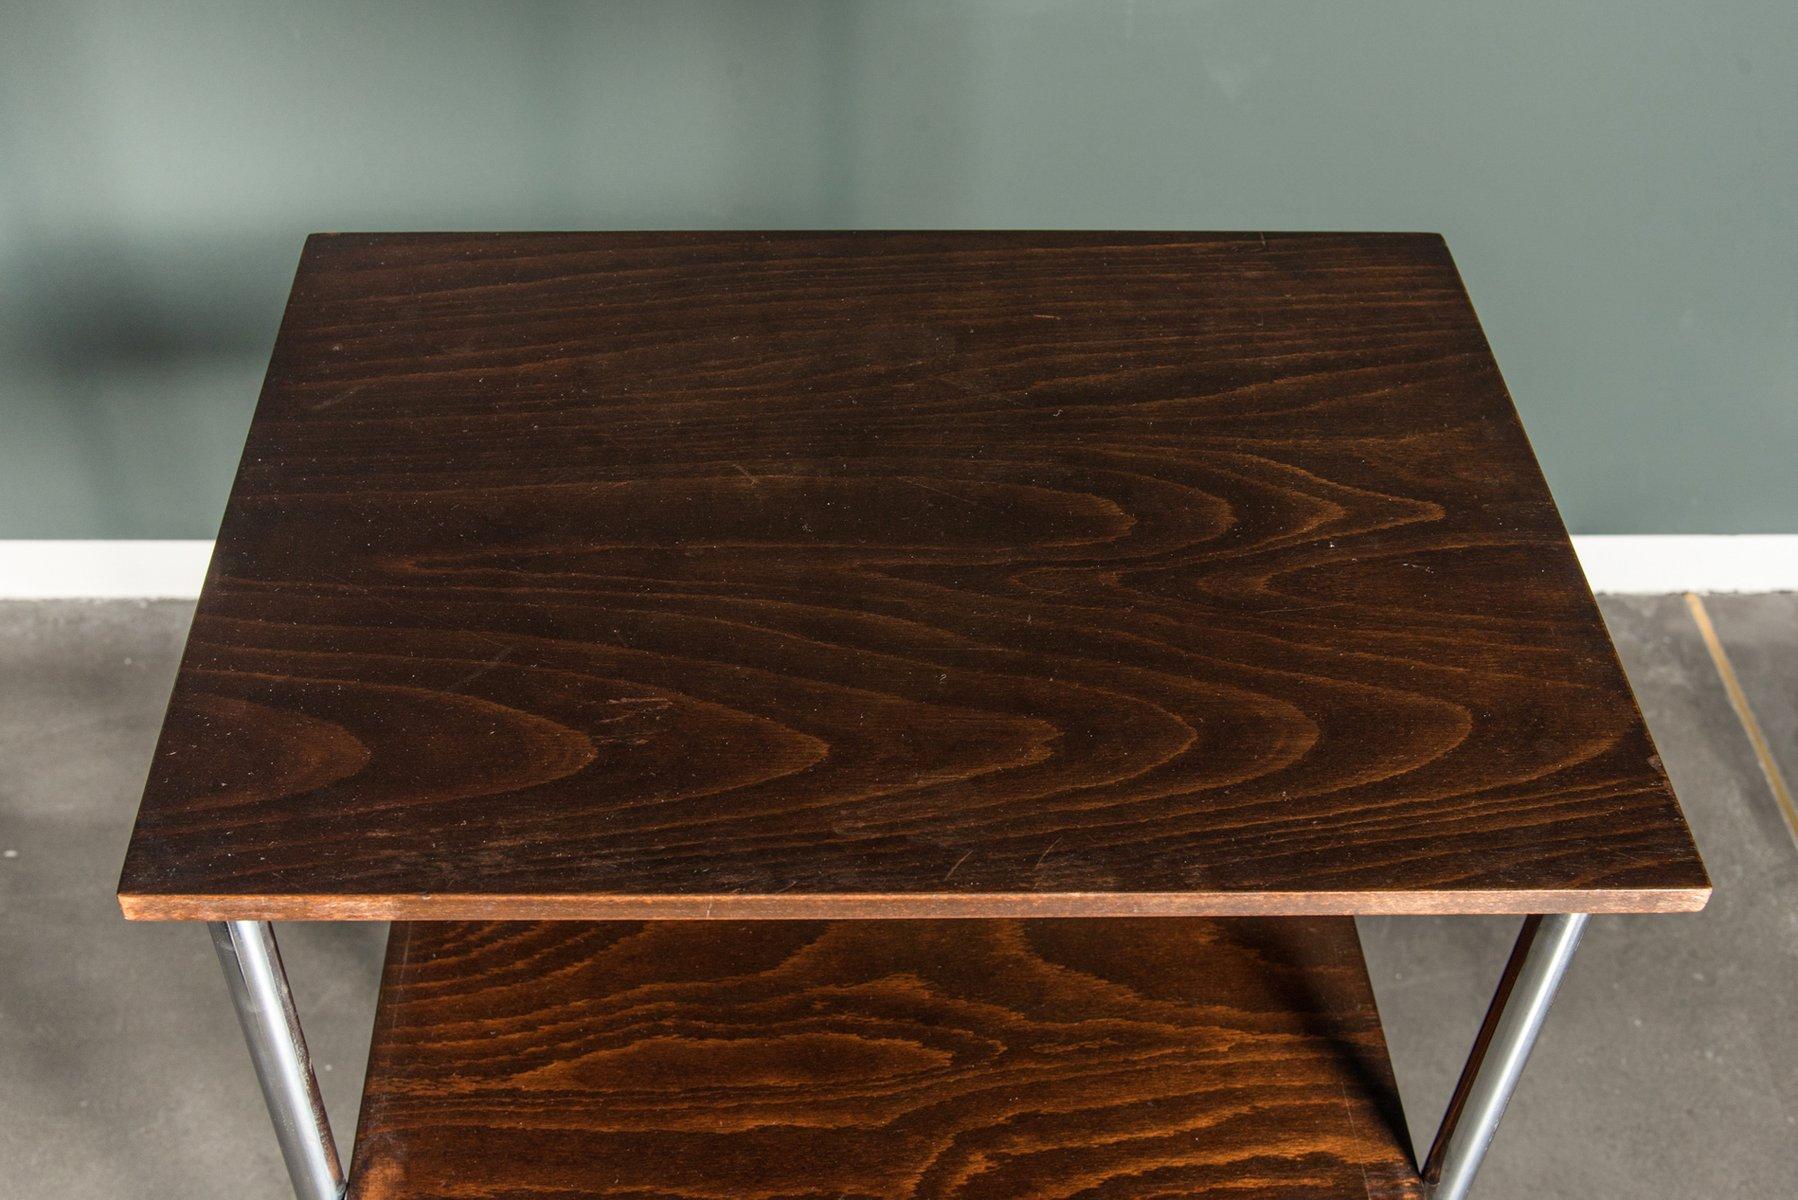 hoher vintage bauhaus stil konsolentisch bei pamono kaufen. Black Bedroom Furniture Sets. Home Design Ideas